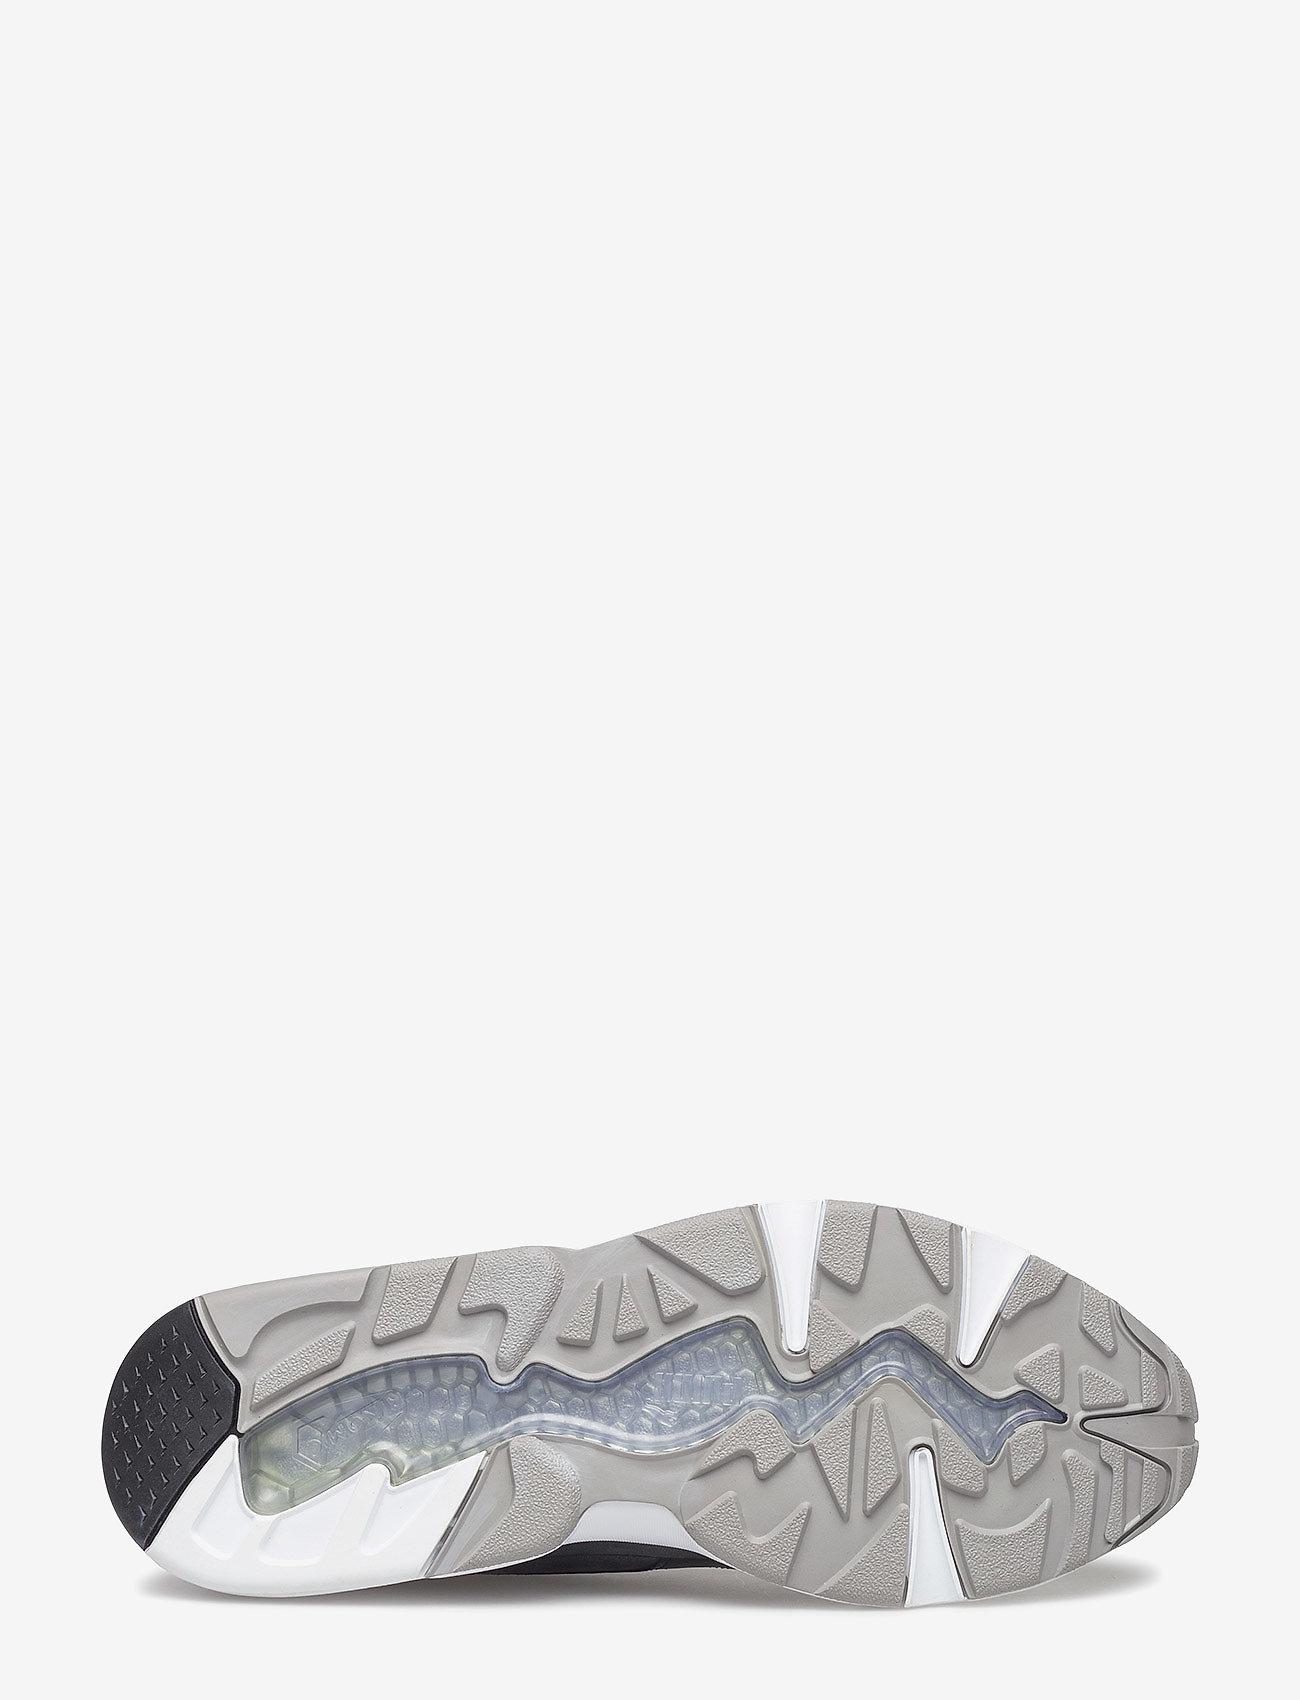 Trinomic Sock Nm X Stampd (Asphalt-puma Black) - PUMA